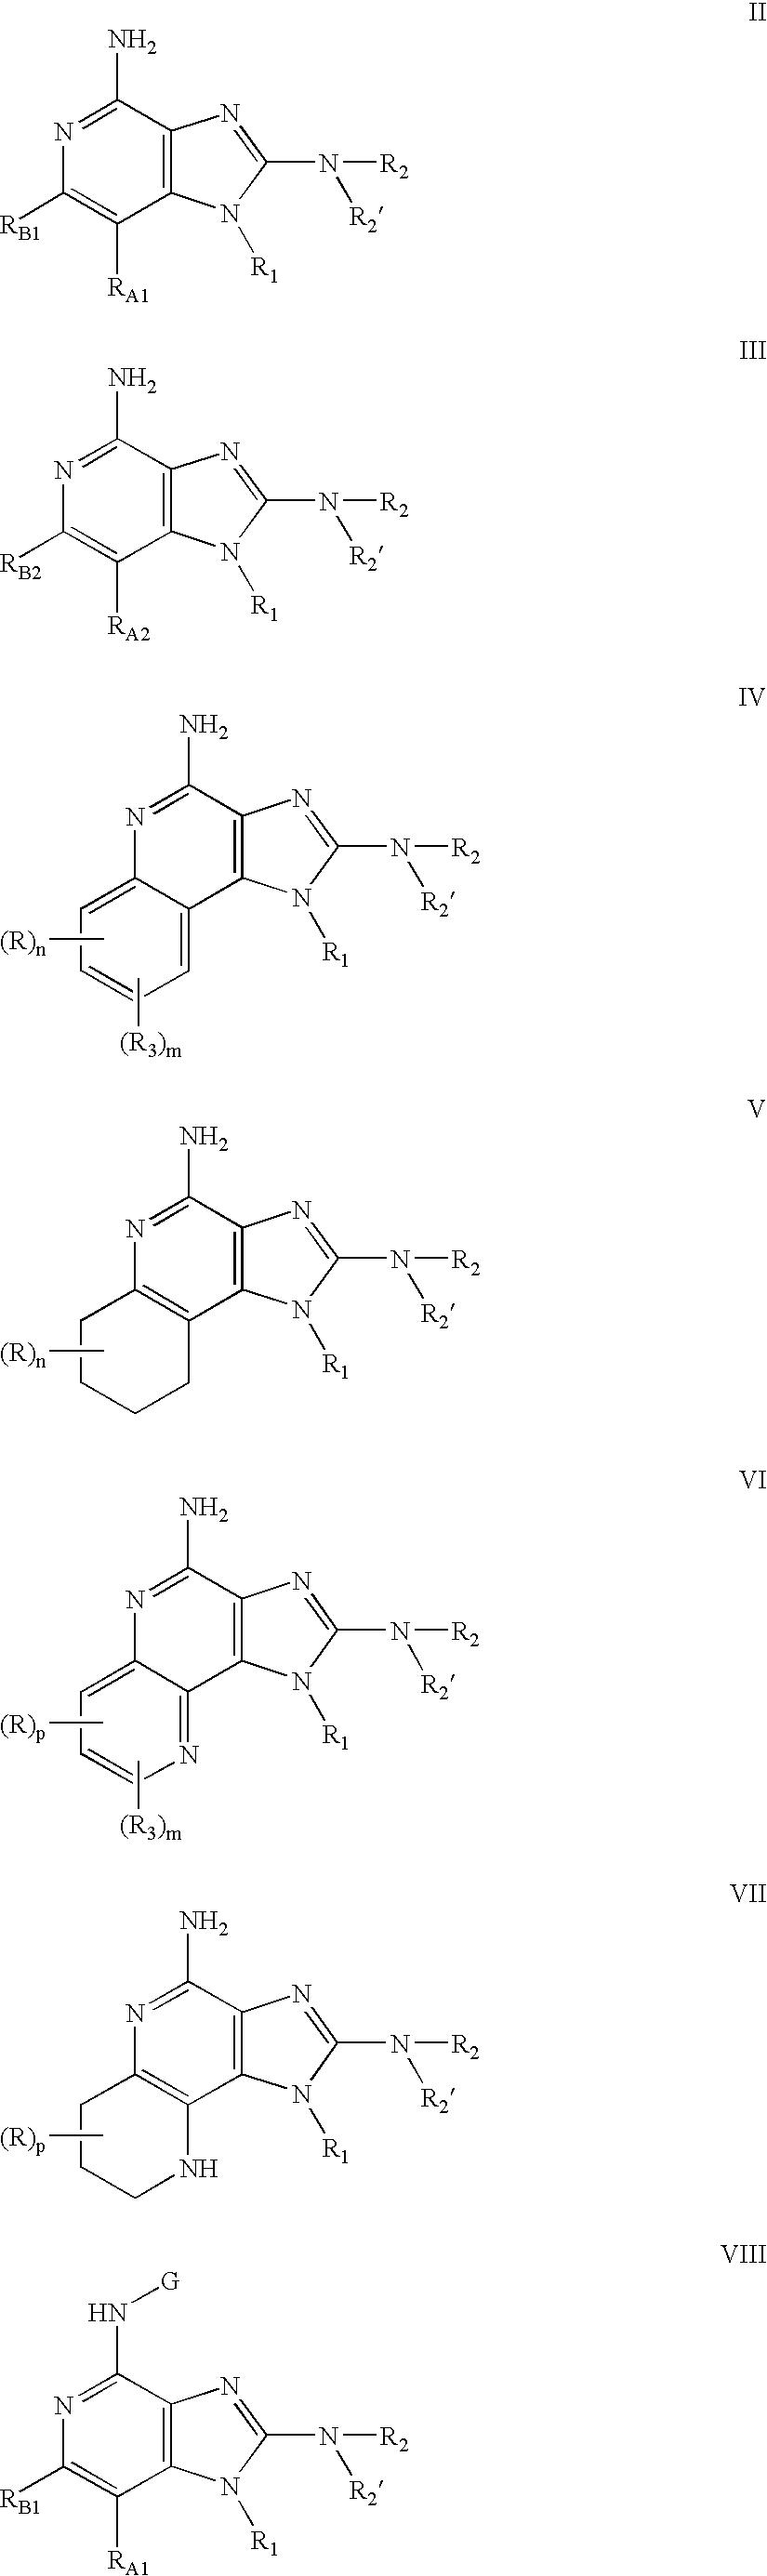 Figure US20090023720A1-20090122-C00002